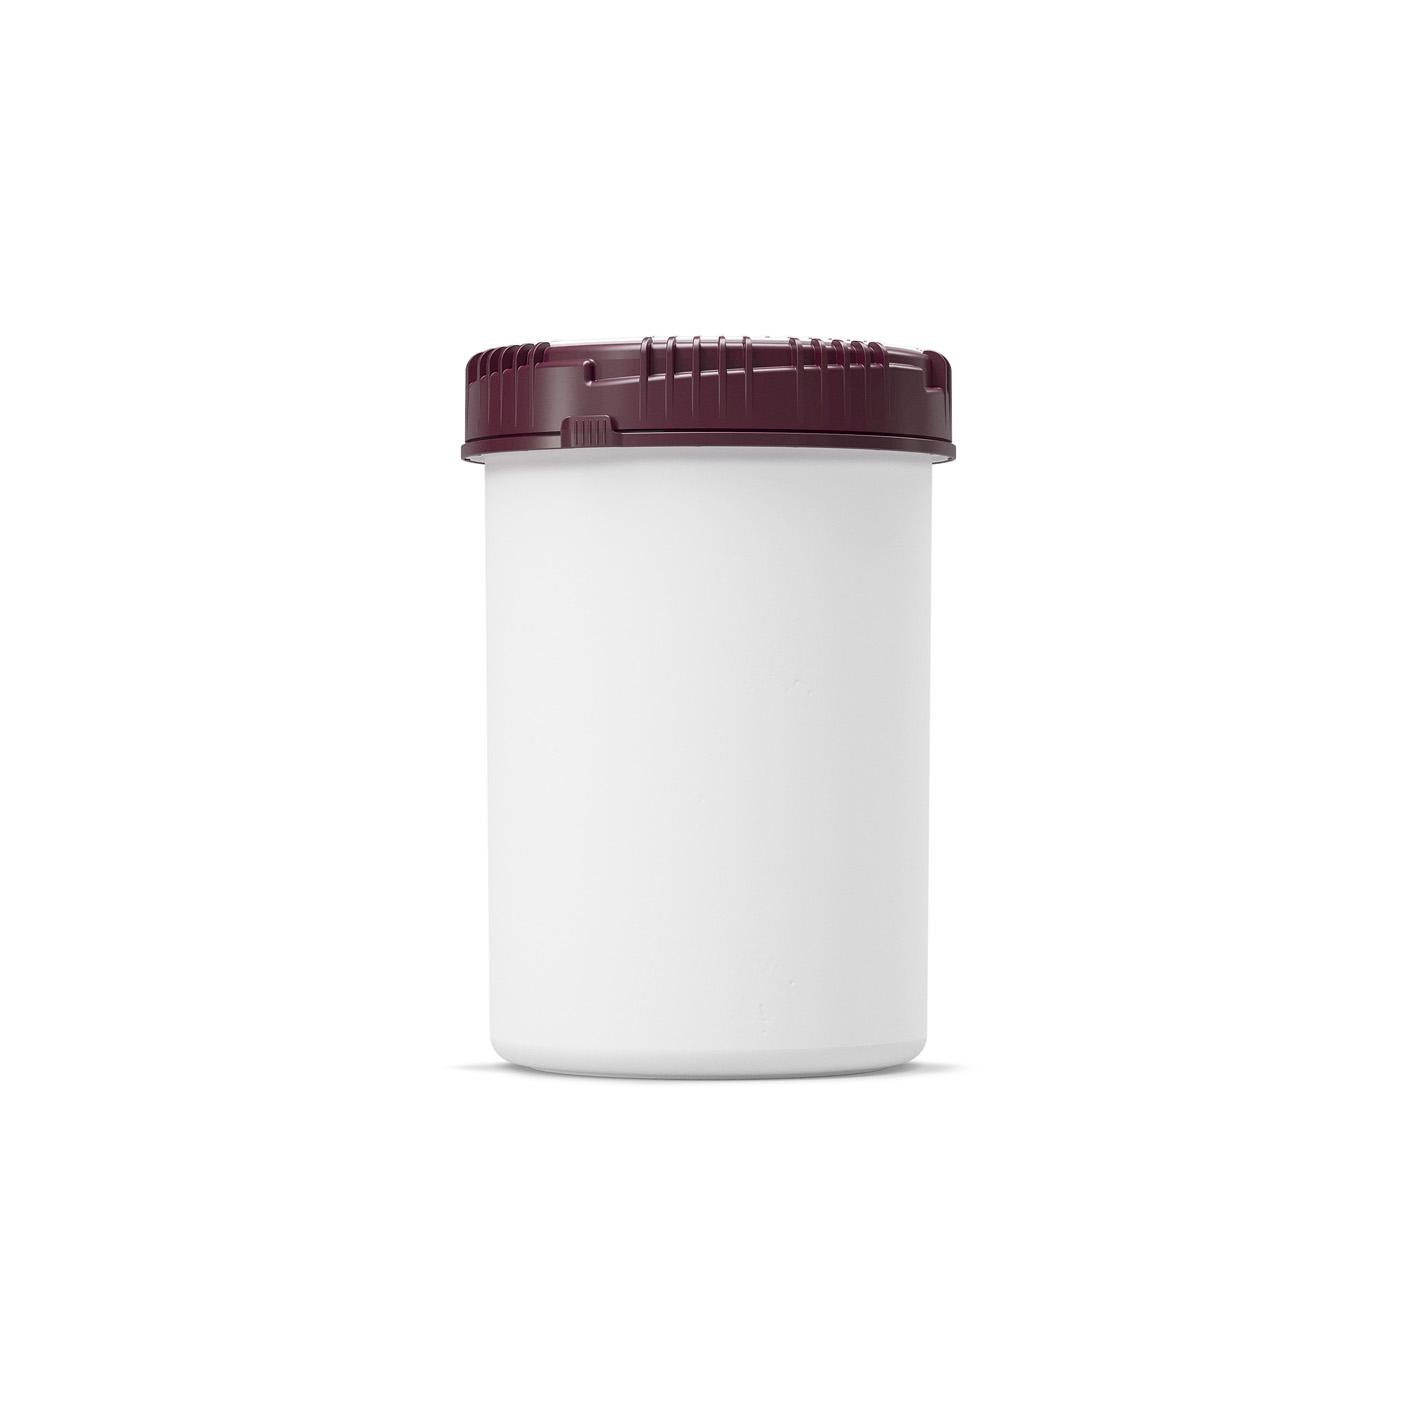 1000 ml Packo Jar - 7